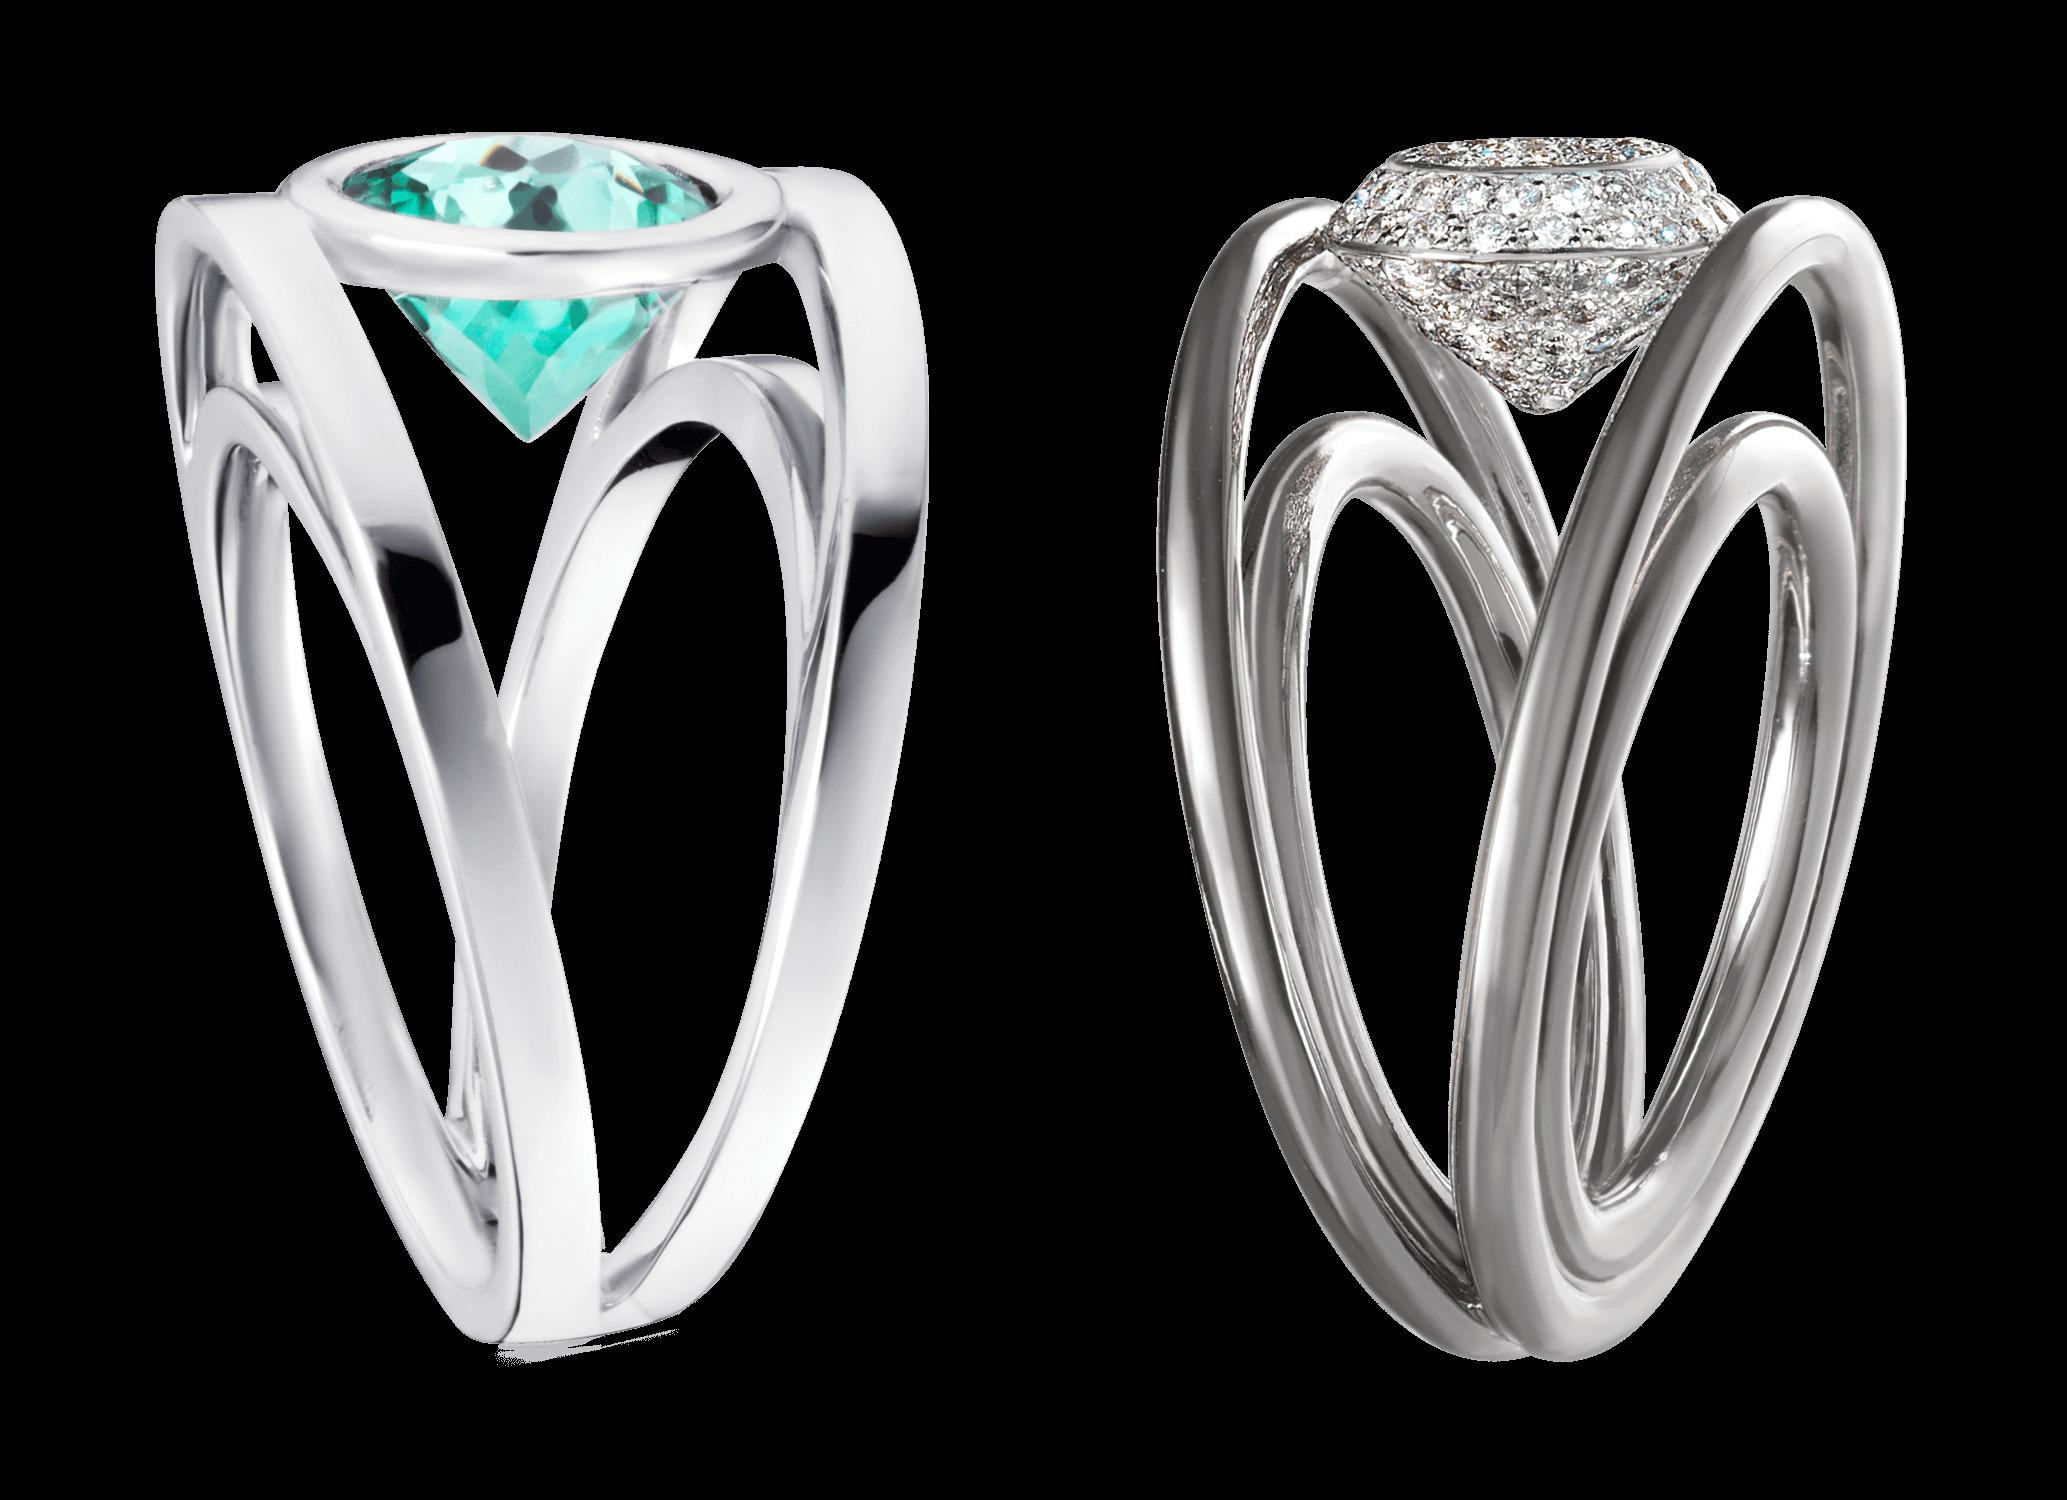 Bague Praha - Monture à partir de 2 500 € plus la pierre centrale.(modèles présentés,4 300 € or blanc et Tourmaline bleue vert 1,89 carat,5 200 € or blanc or blanc et pavage de diamants 0,60 carat).